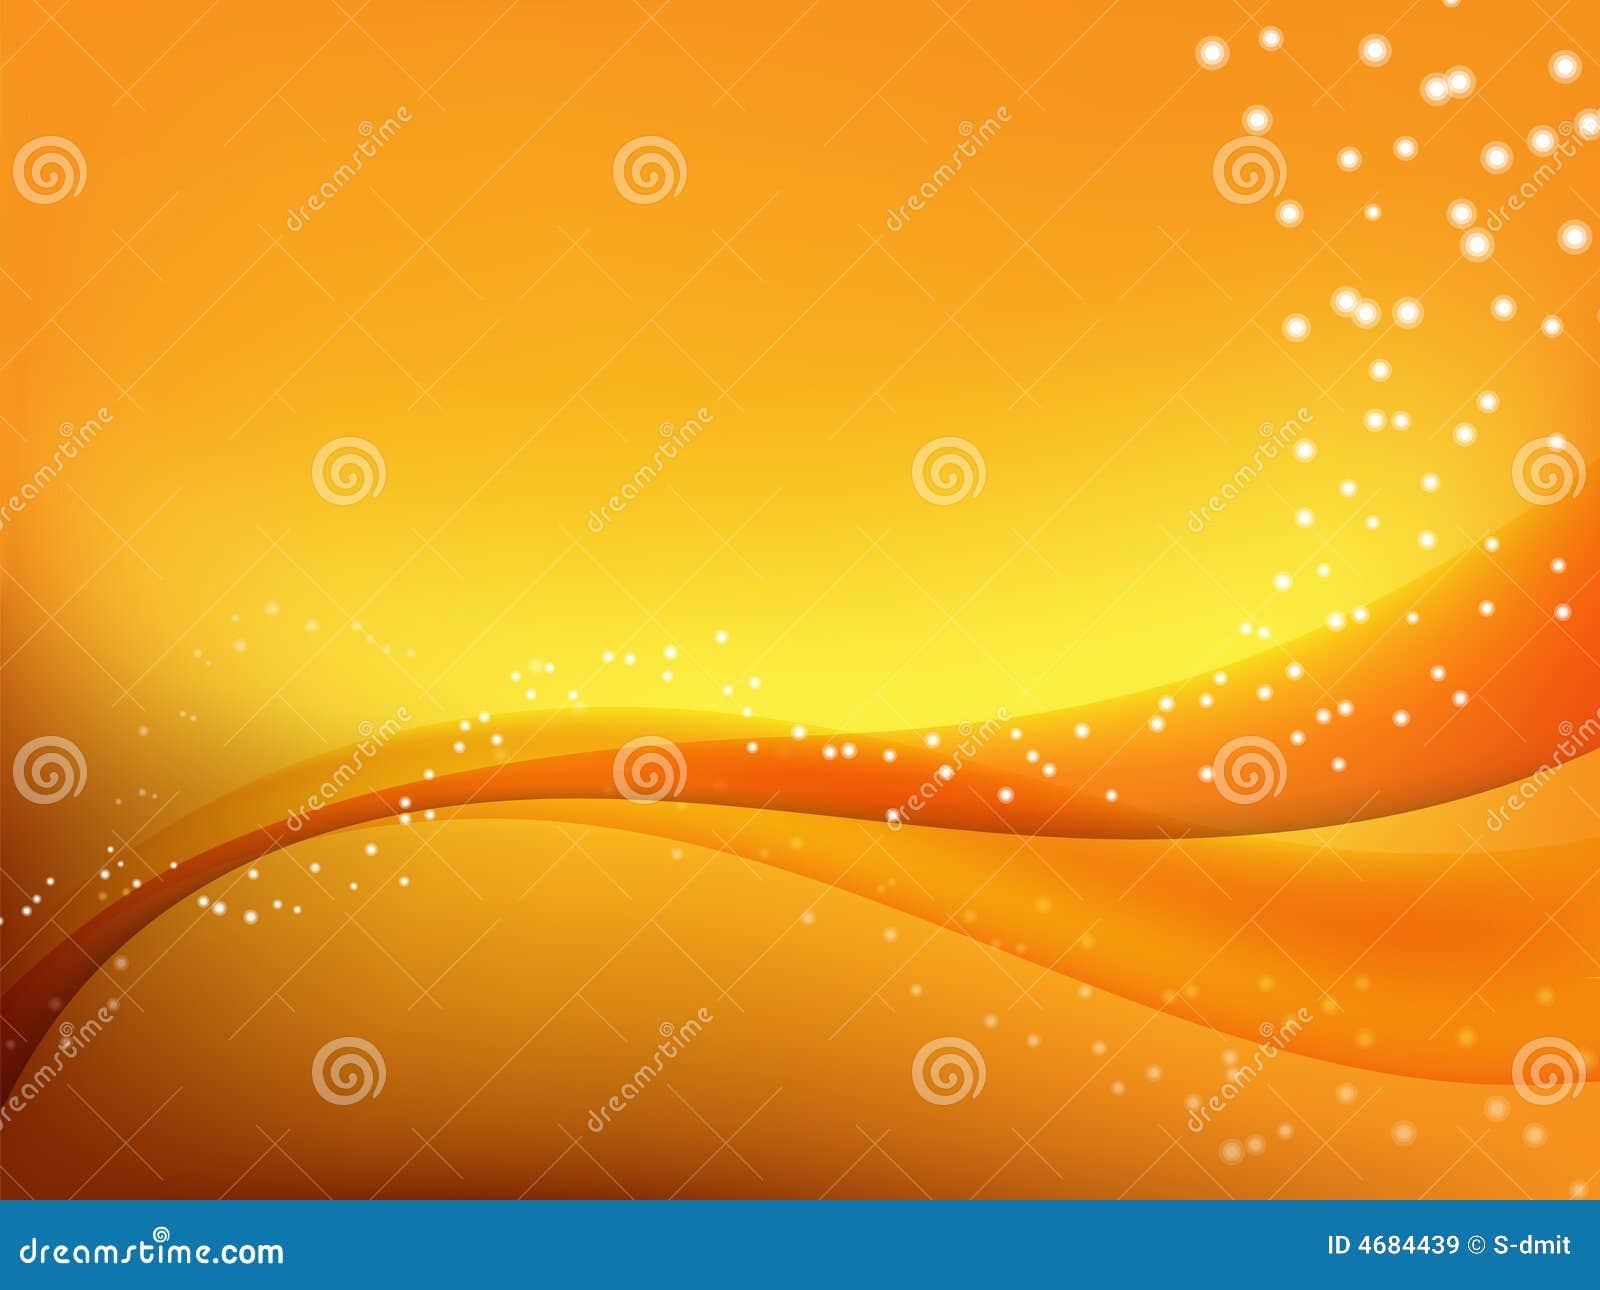 orange background free stock - photo #45